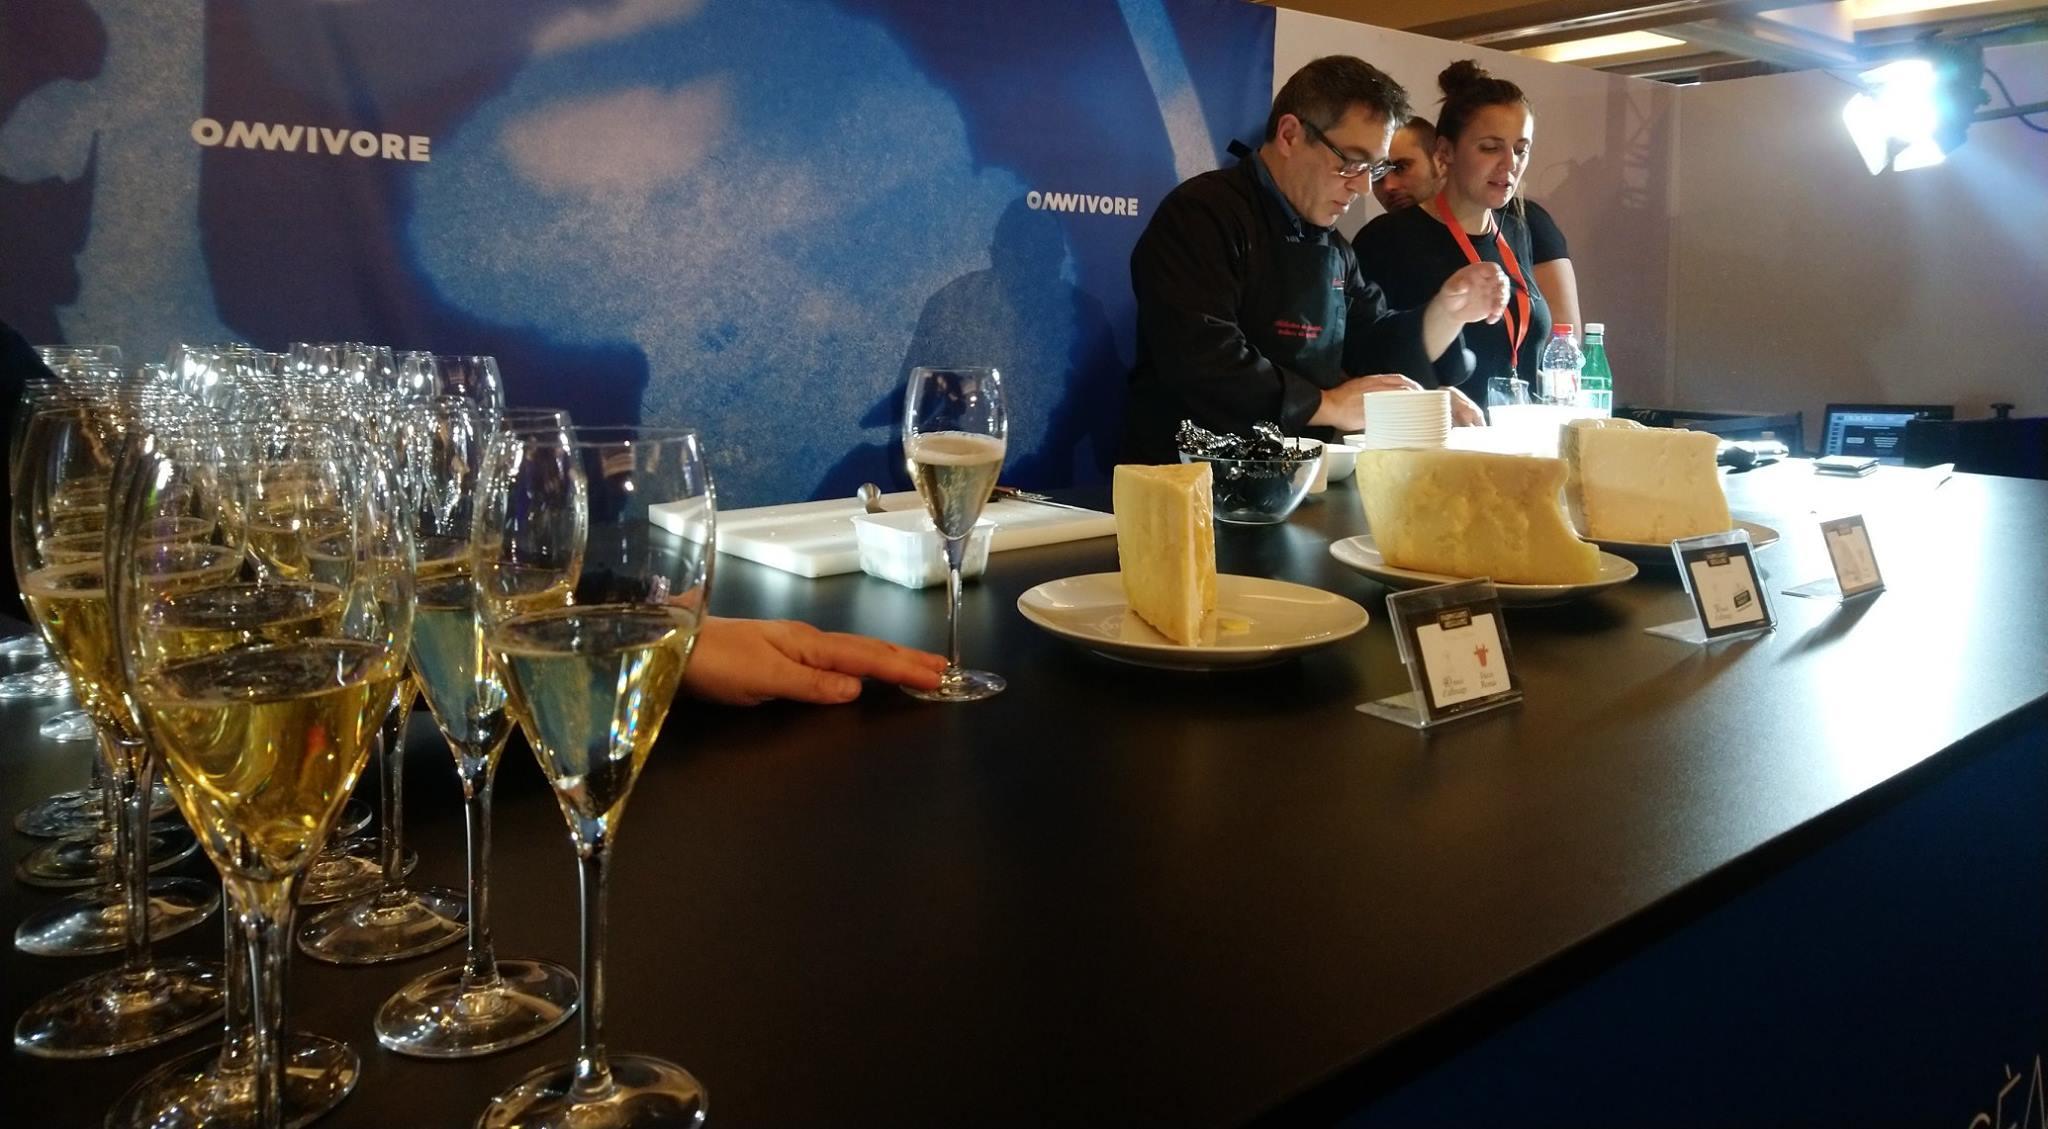 Franco Guilli au festival Omnivore Paris 2019 : champagne et Parmigiano Reggiano